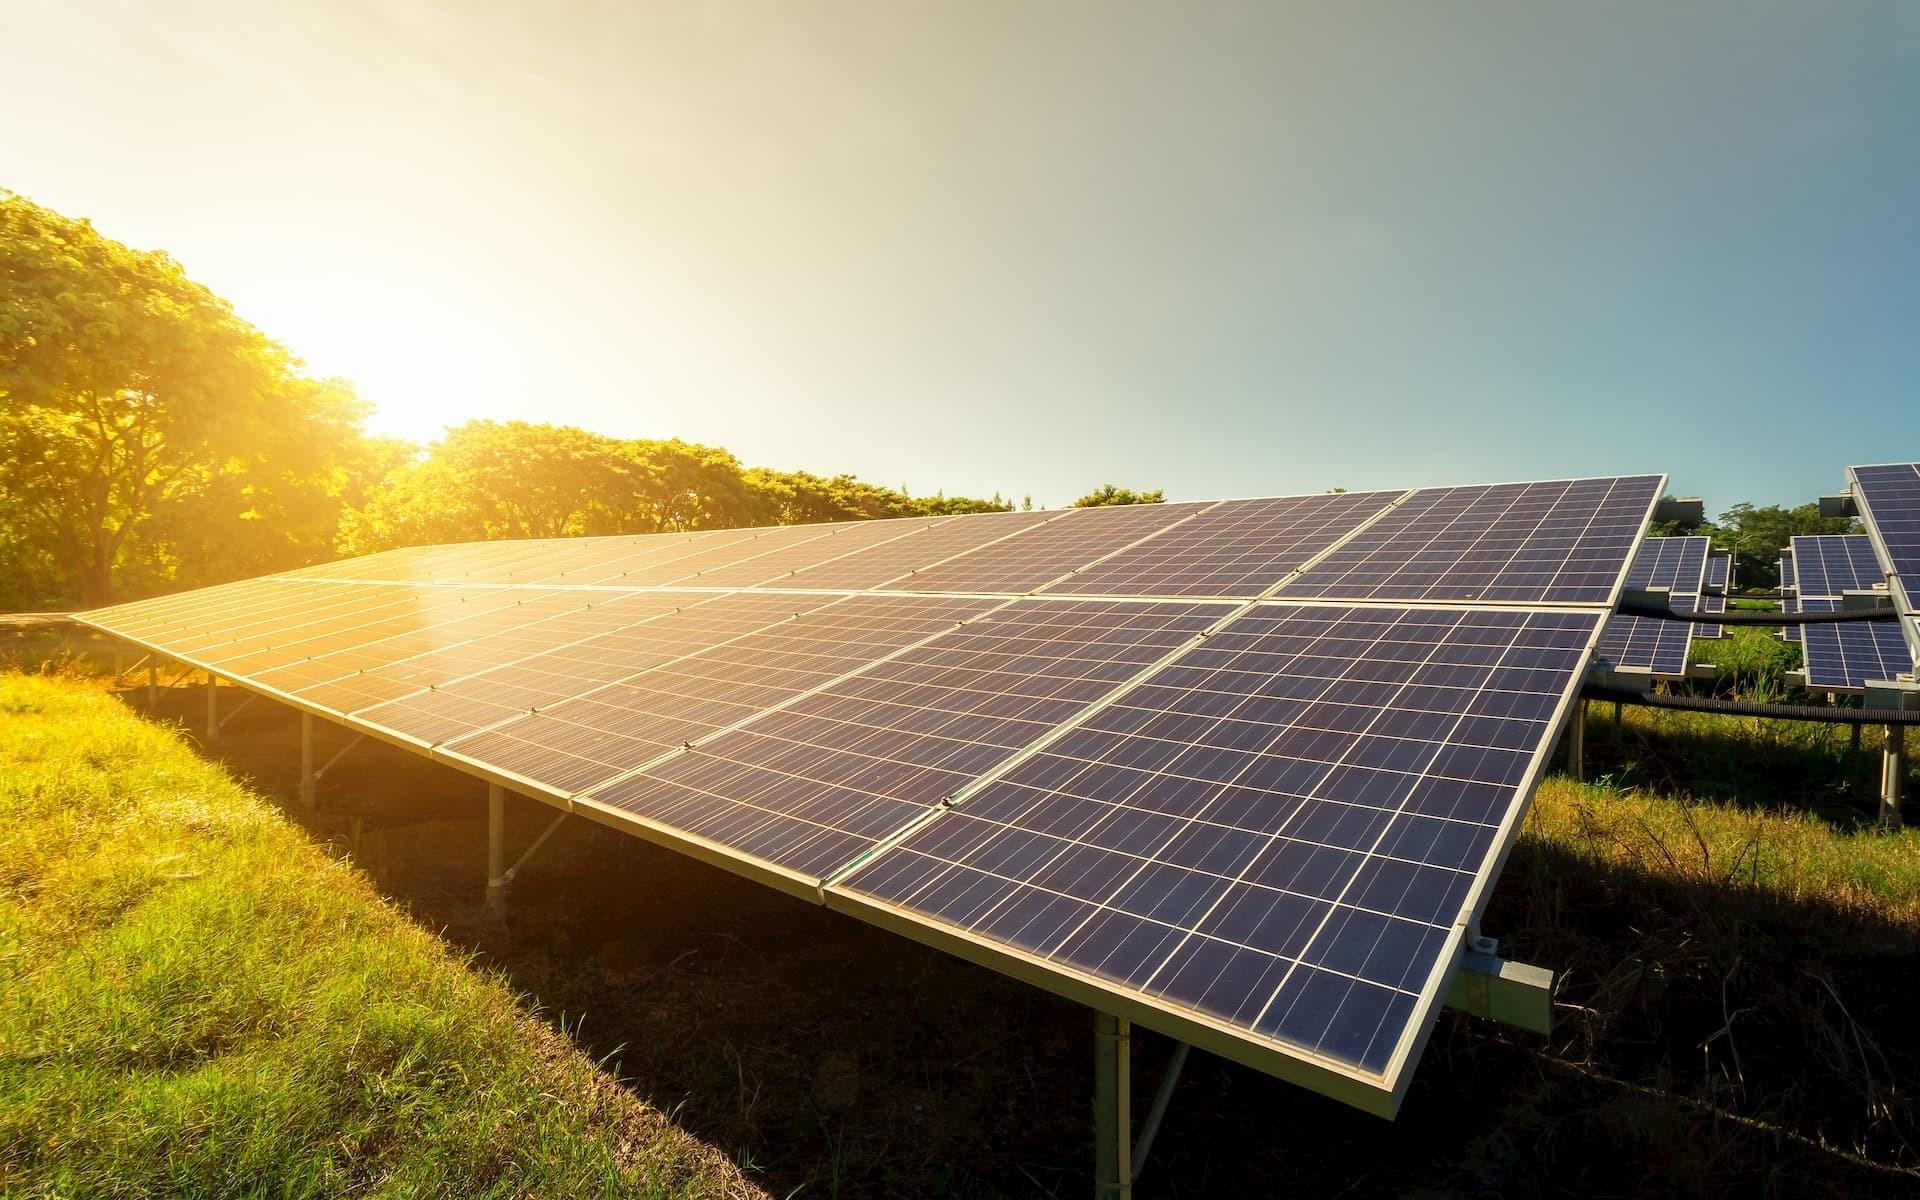 Fransalı ekspert: Alternativ enerji taleyini əlində saxlamaq istəyən ölkə üçün böyük üstünlükdür